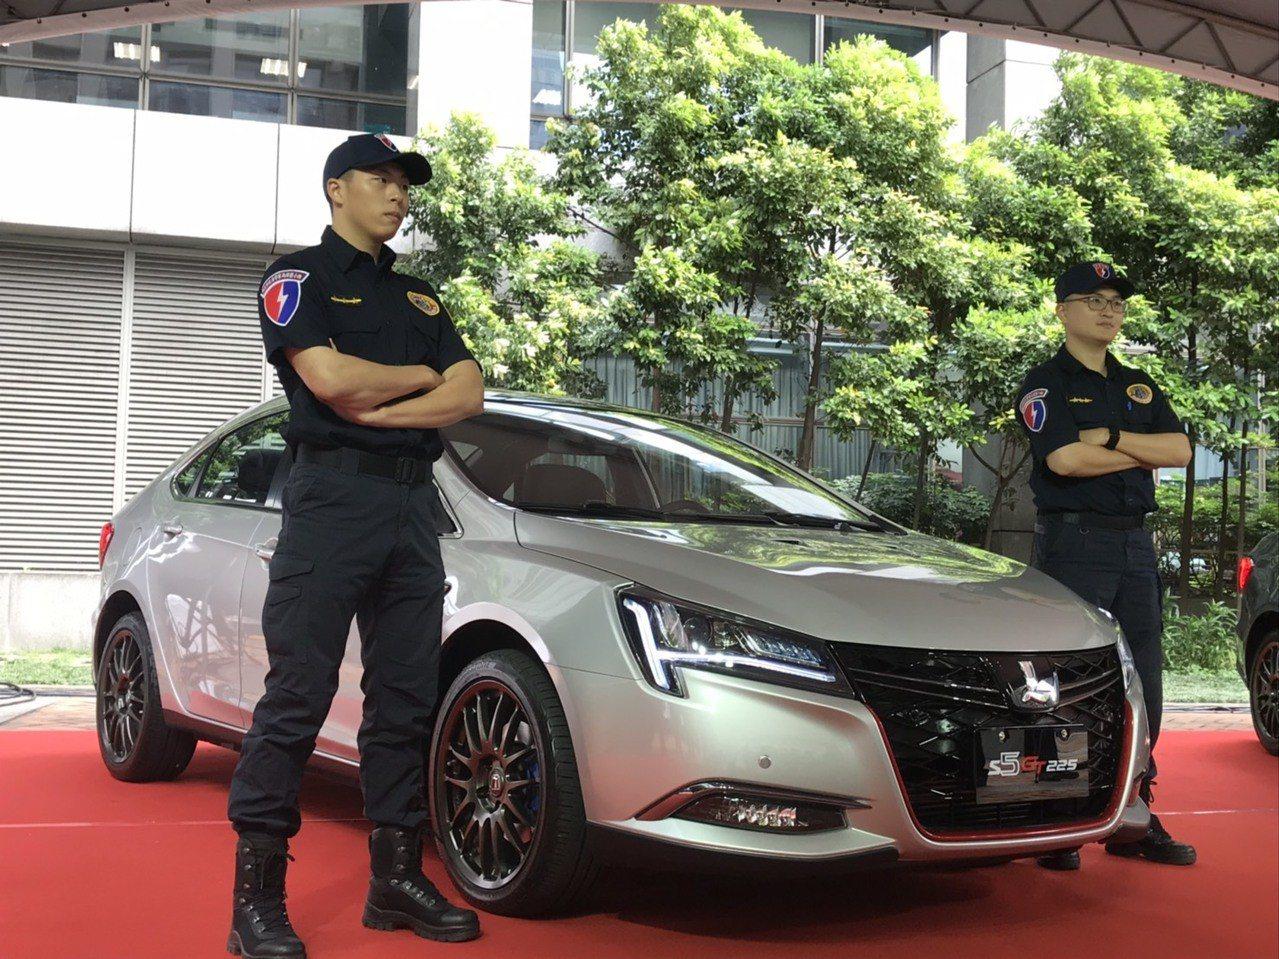 納智捷公司總經理蔡文榮捐贈兩部S5 GT225予新北市警局,作為警用偵防車。記者...